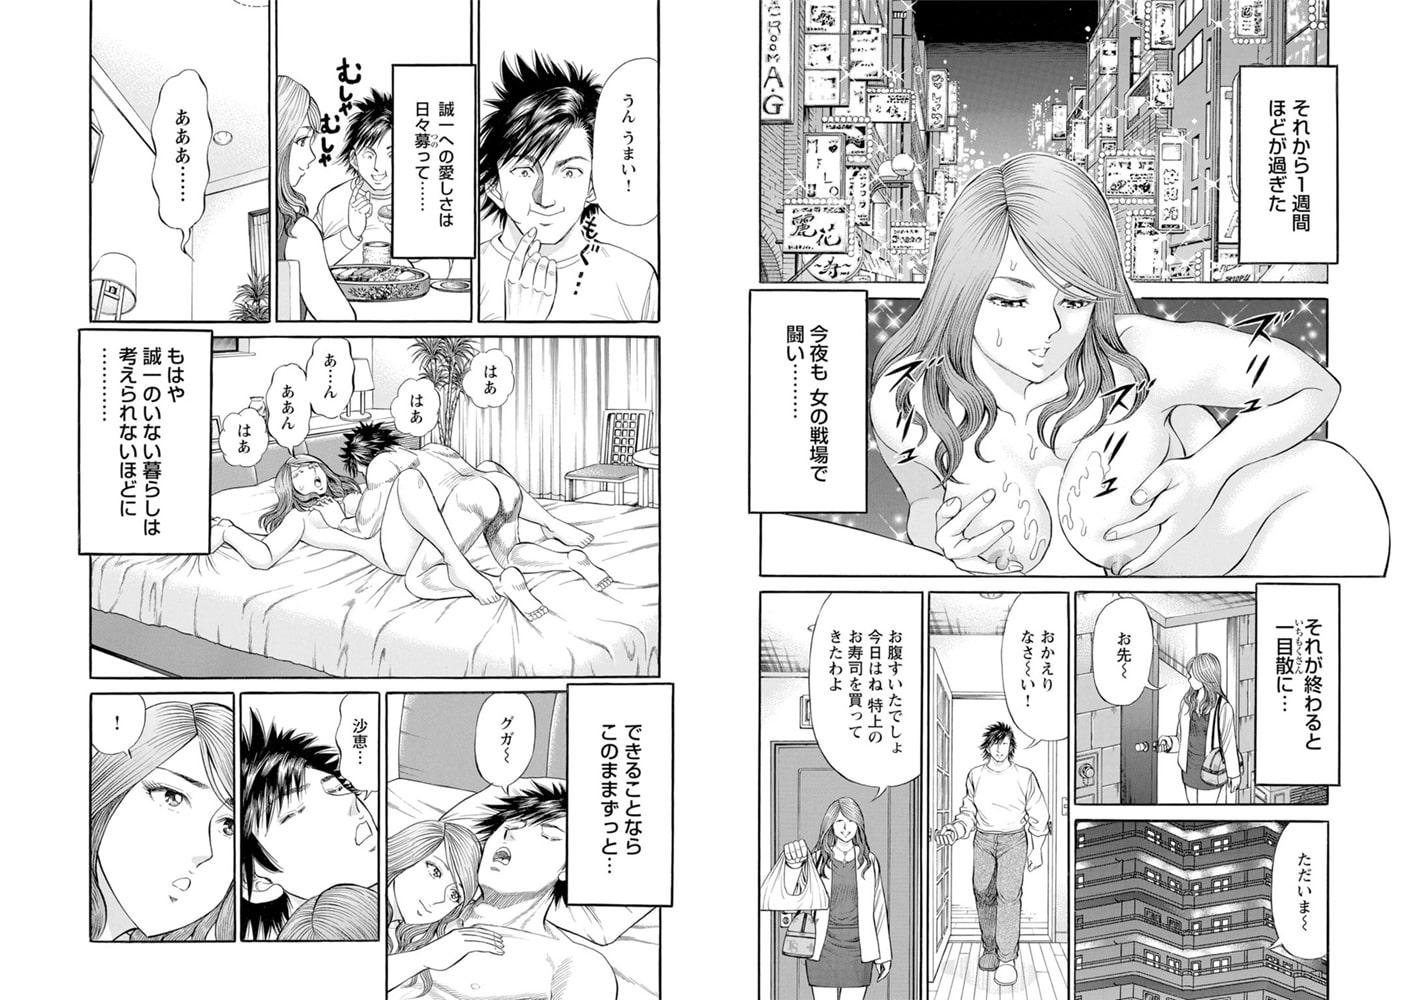 【実録】ソープ嬢の裏の顔~淫らな泡姫のホントの姿~